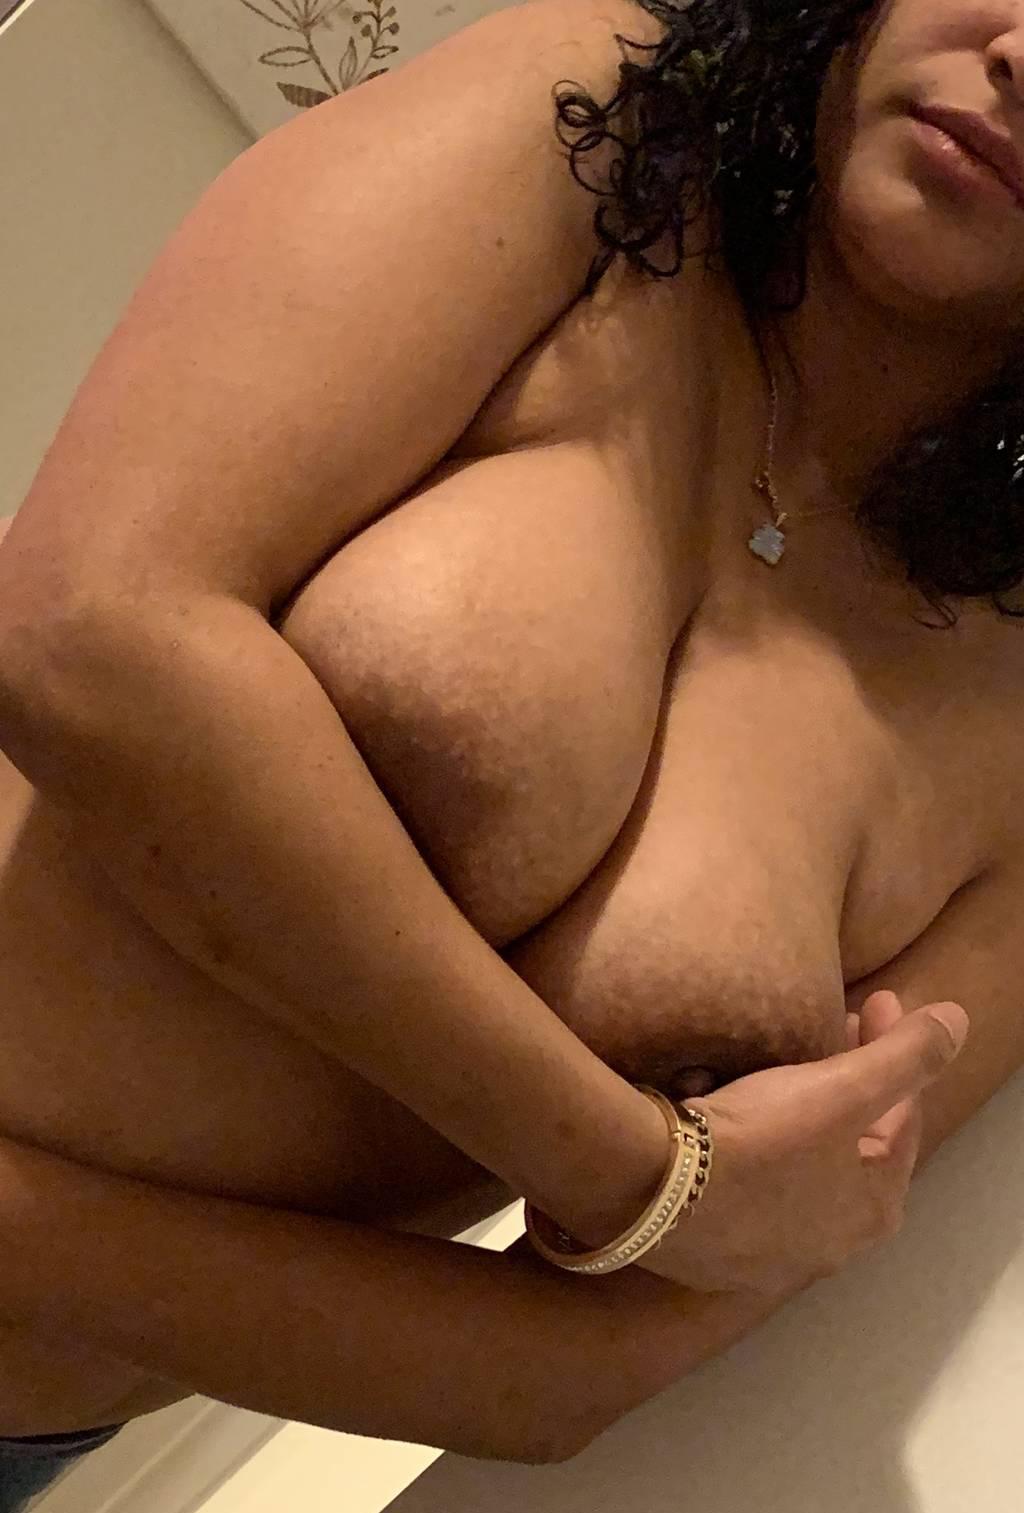 Juicy Latina ready to party